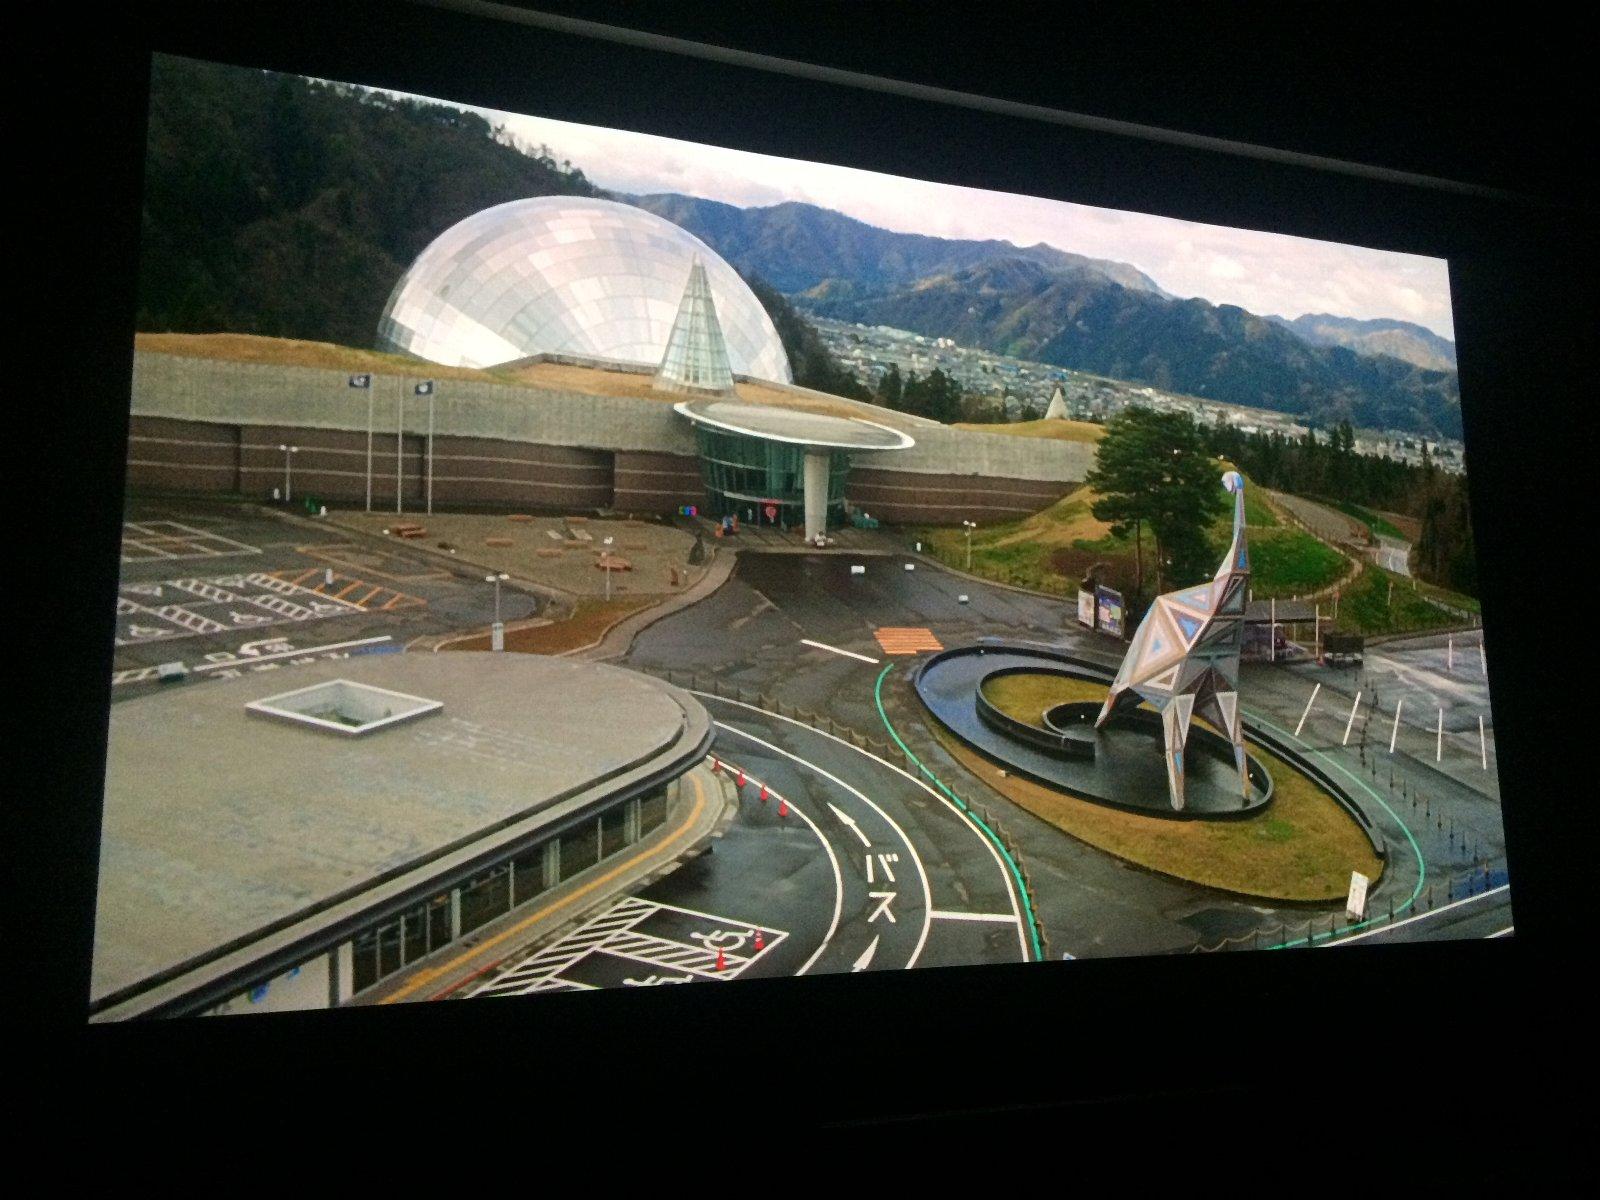 『リュウソウジャー』00 恐竜博物館